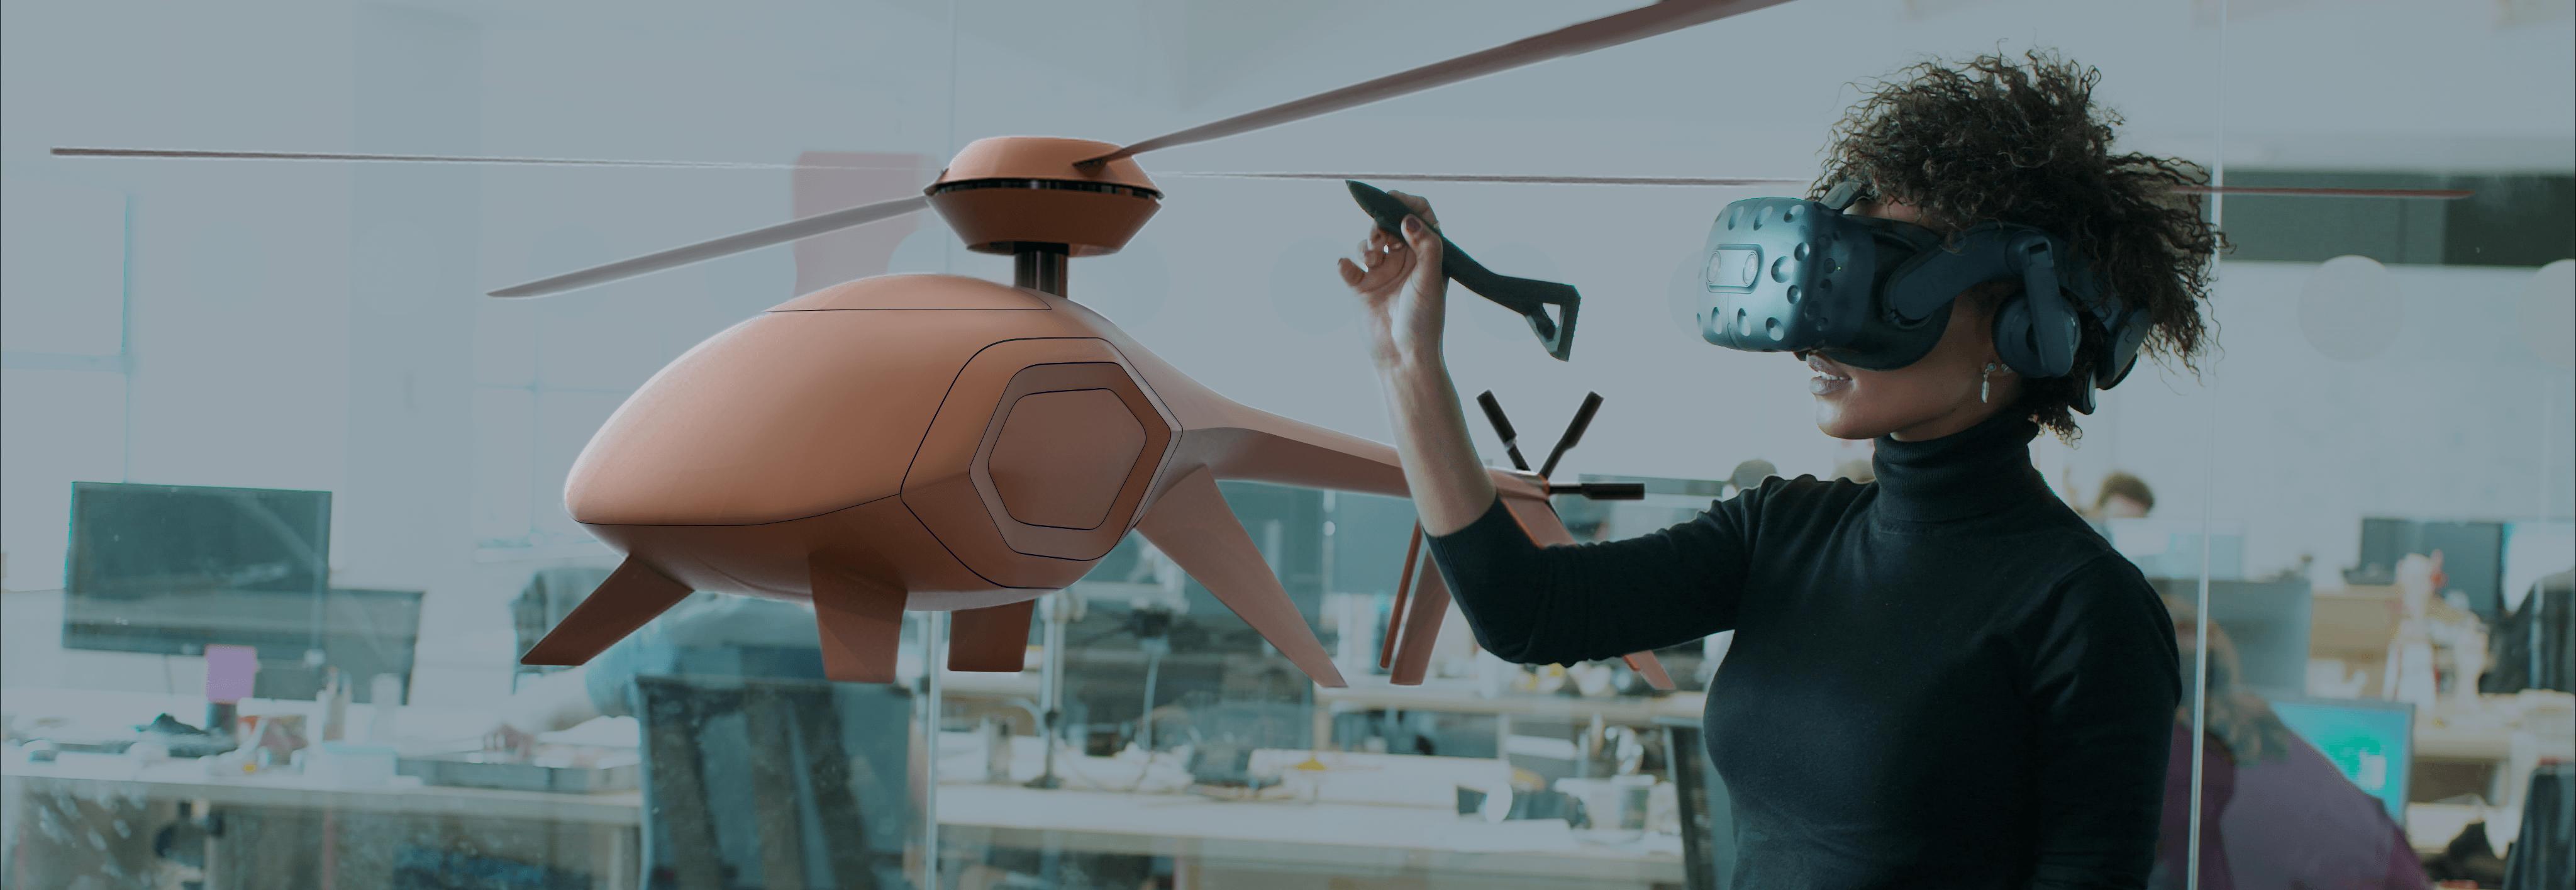 Dieser Logitech-Stift lässt Euch präzise in der VR zeichnen